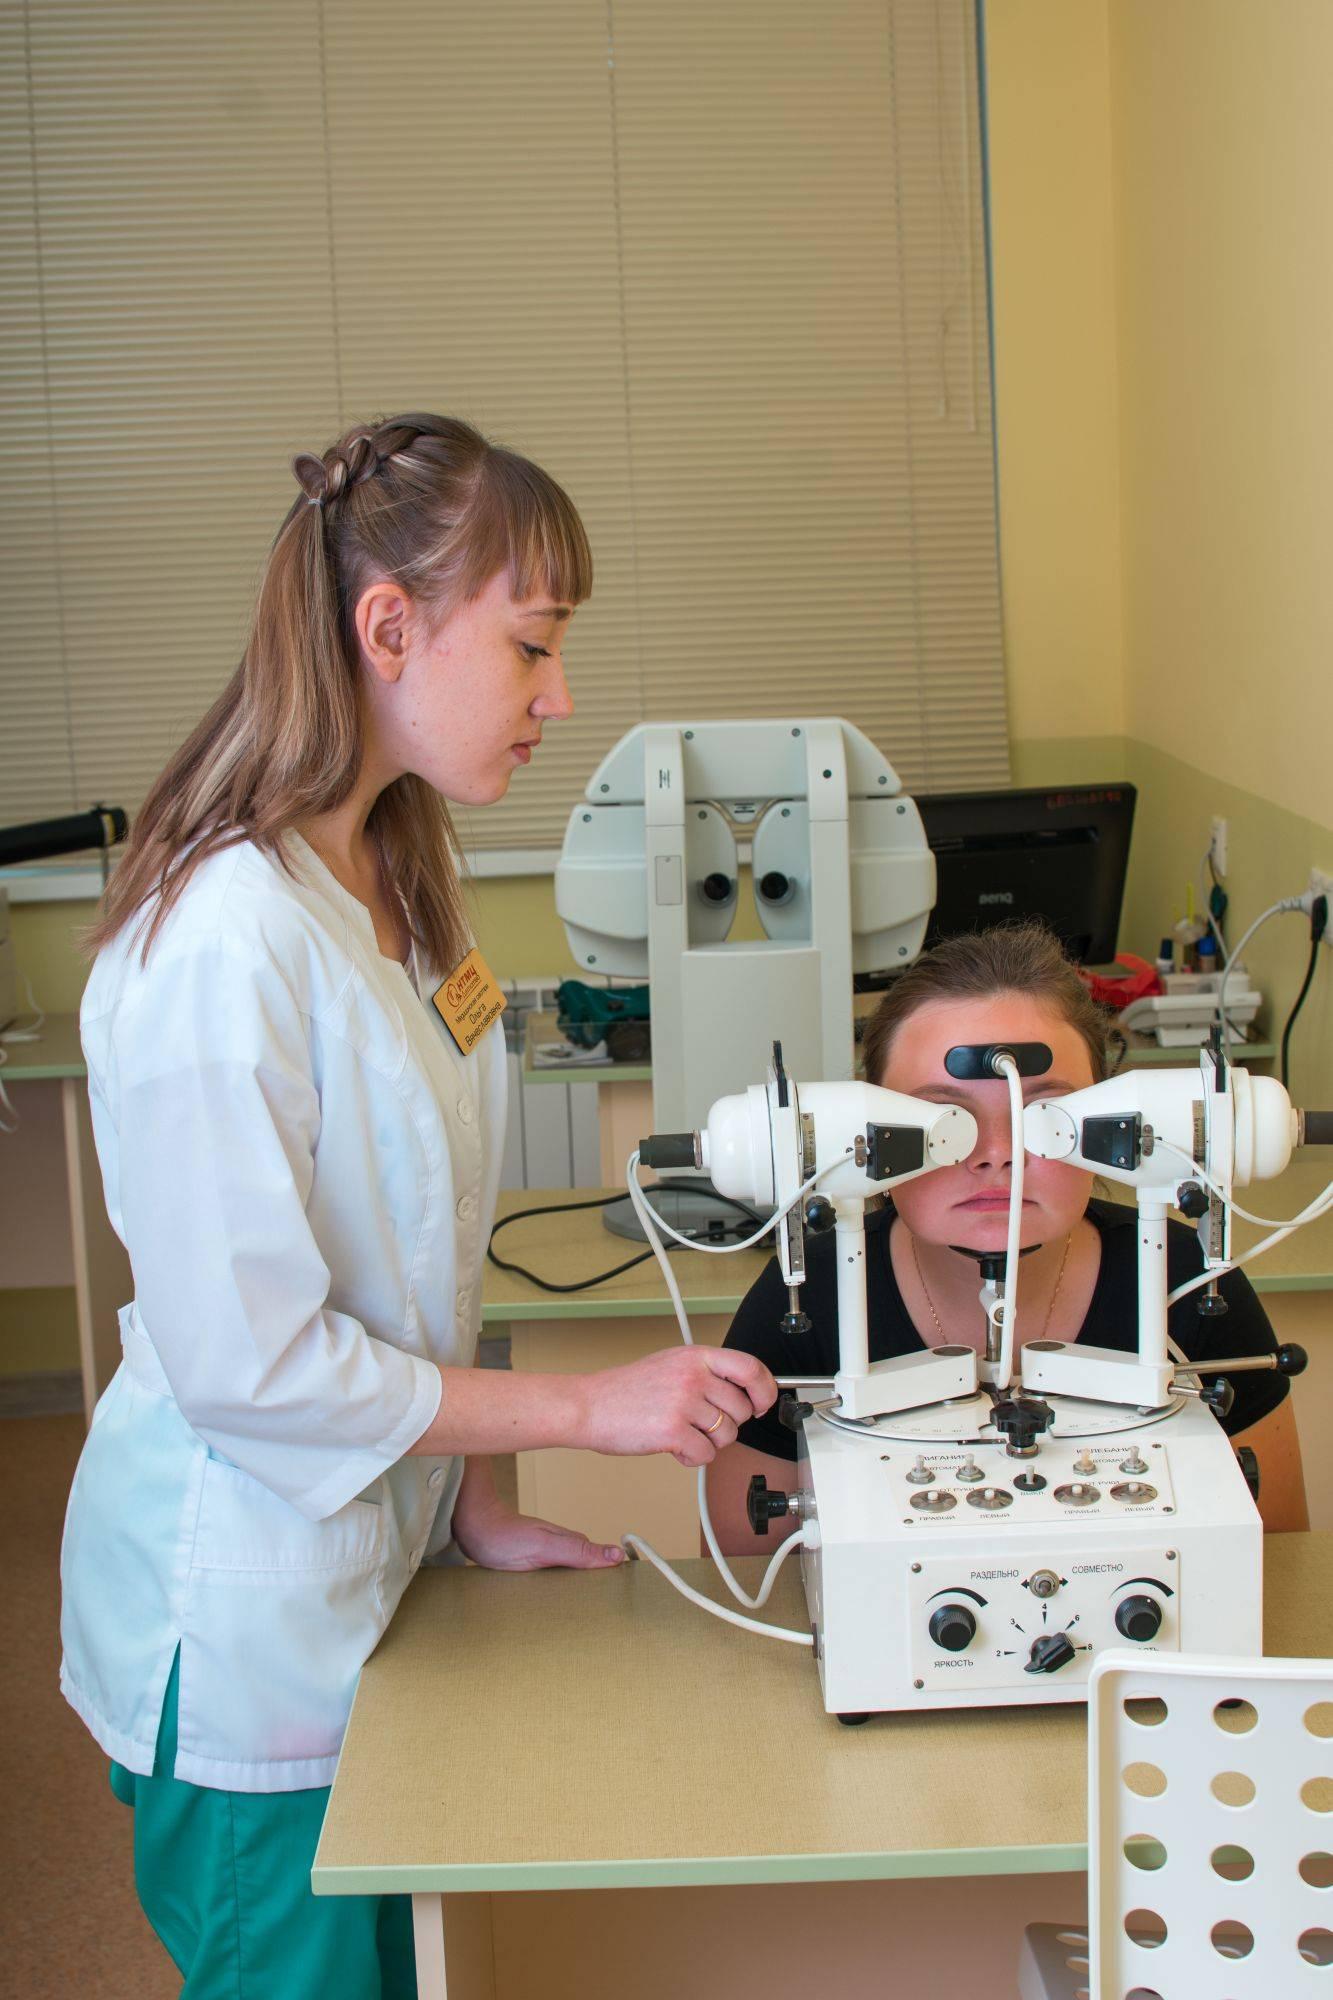 Как уберечь зрение ребенка? кабинет охраны зрения детей.